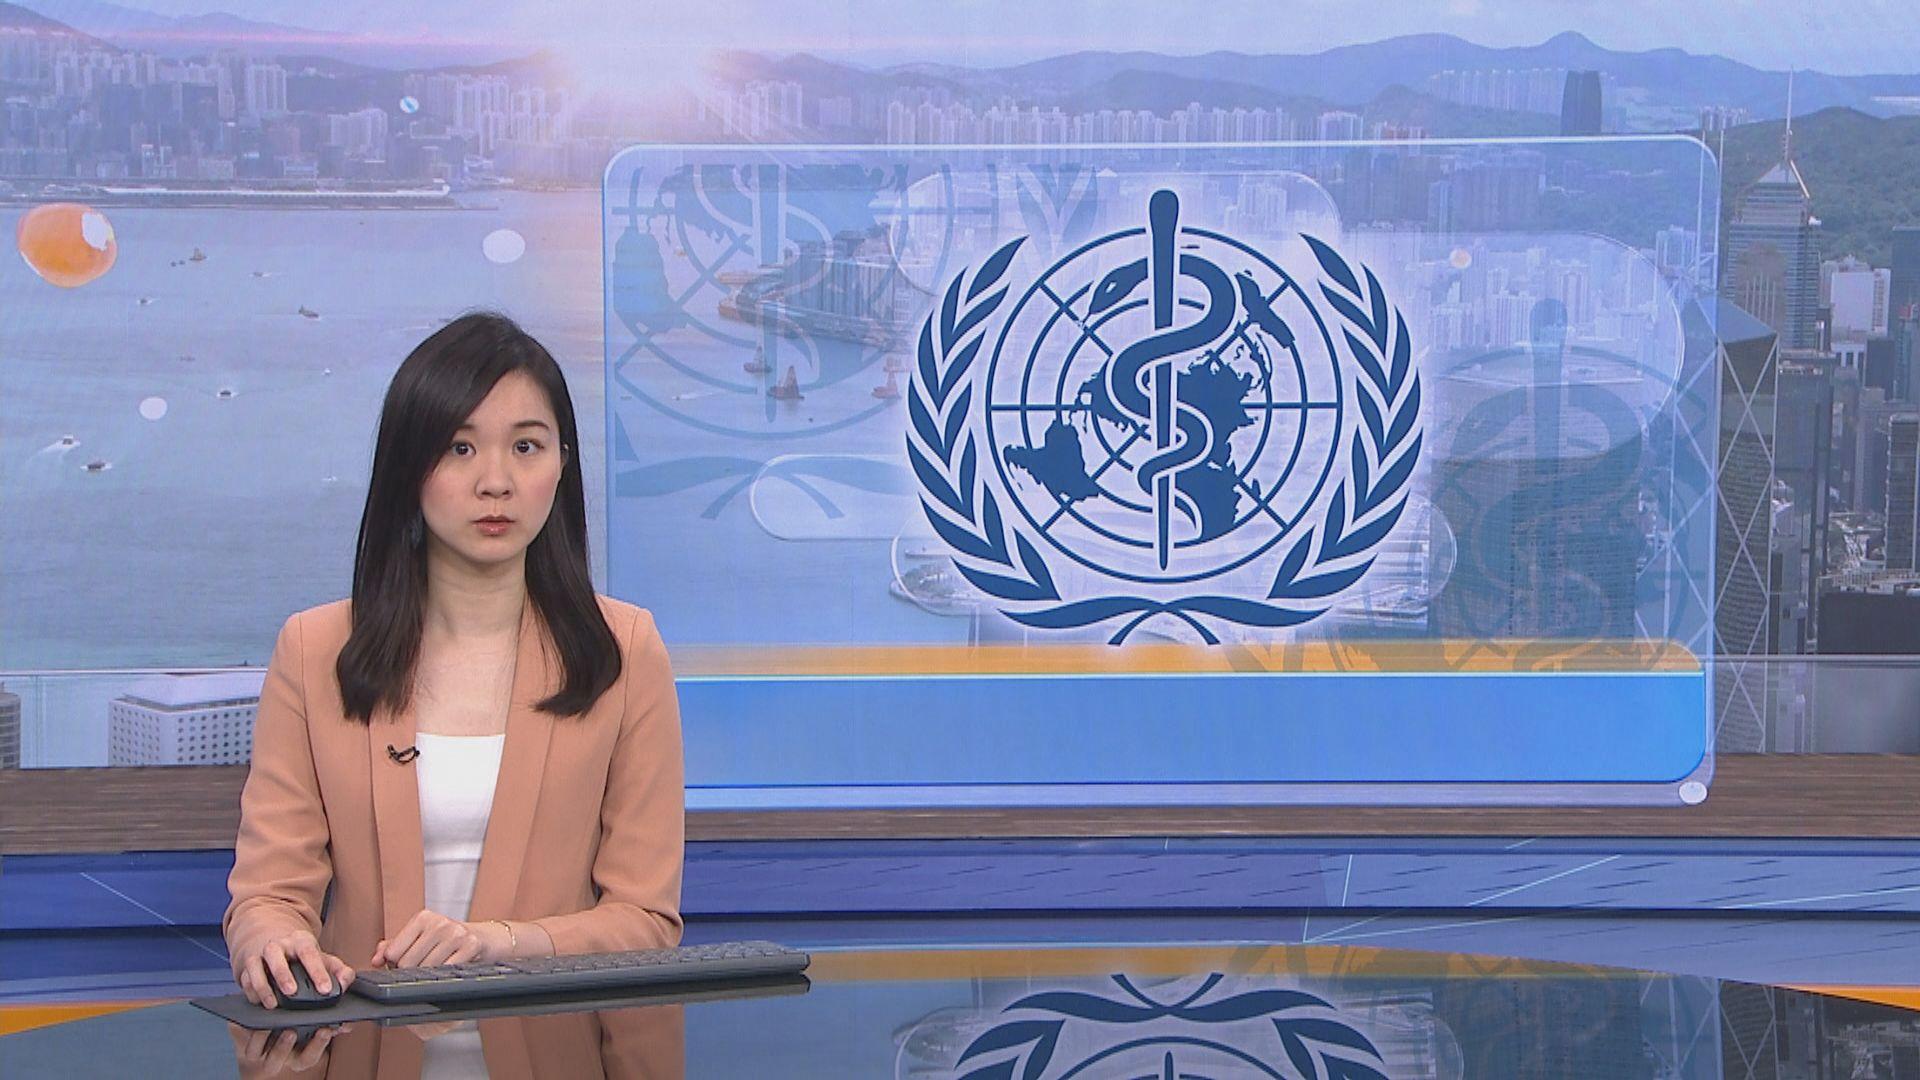 世界衛生大會今召開 新華社:台灣地區參與世衛須按一中原則處理